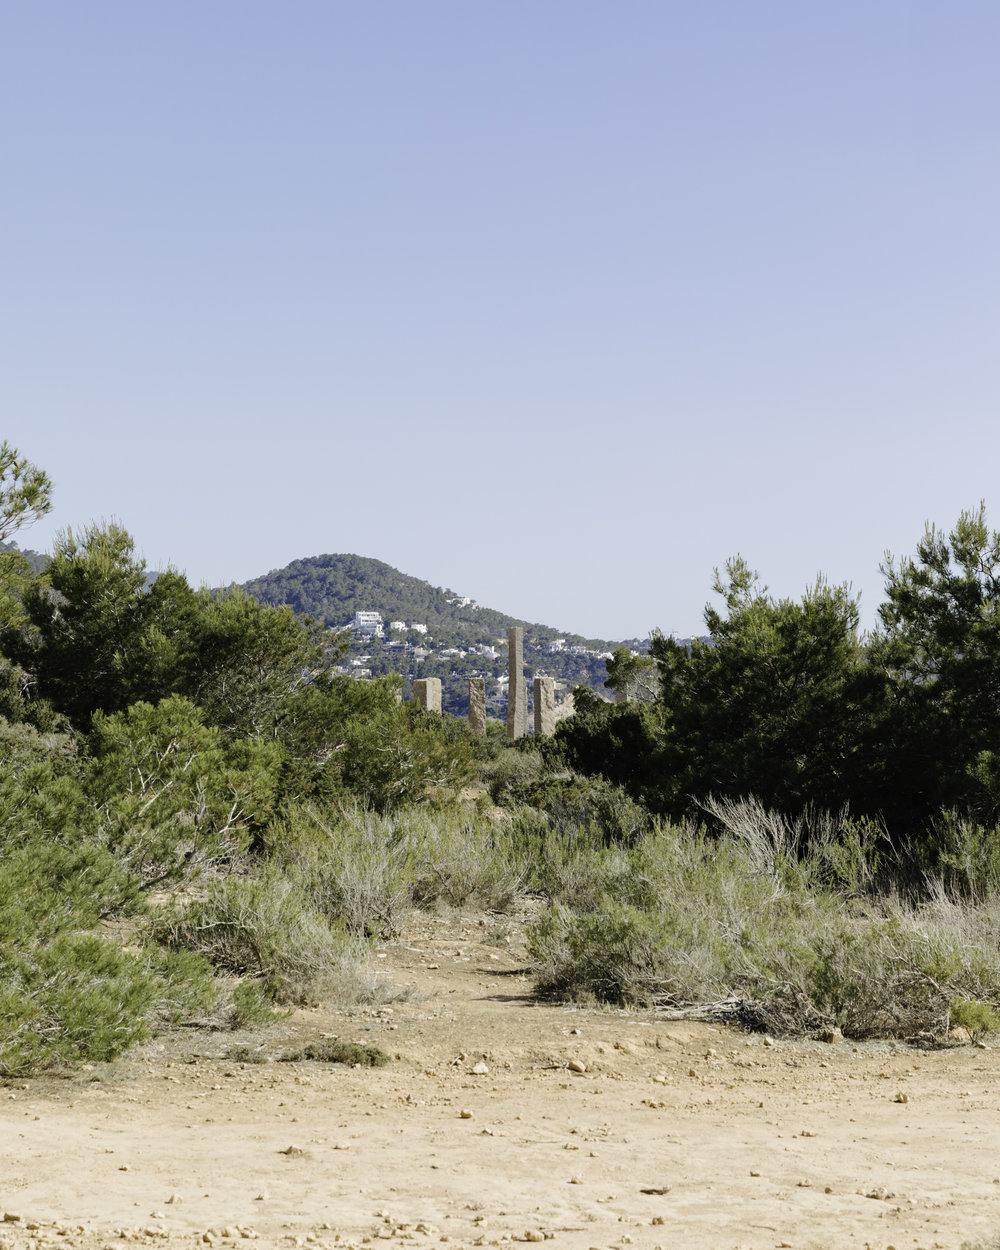 BenReadPhotography_easyJet_Ibiza-81.jpg